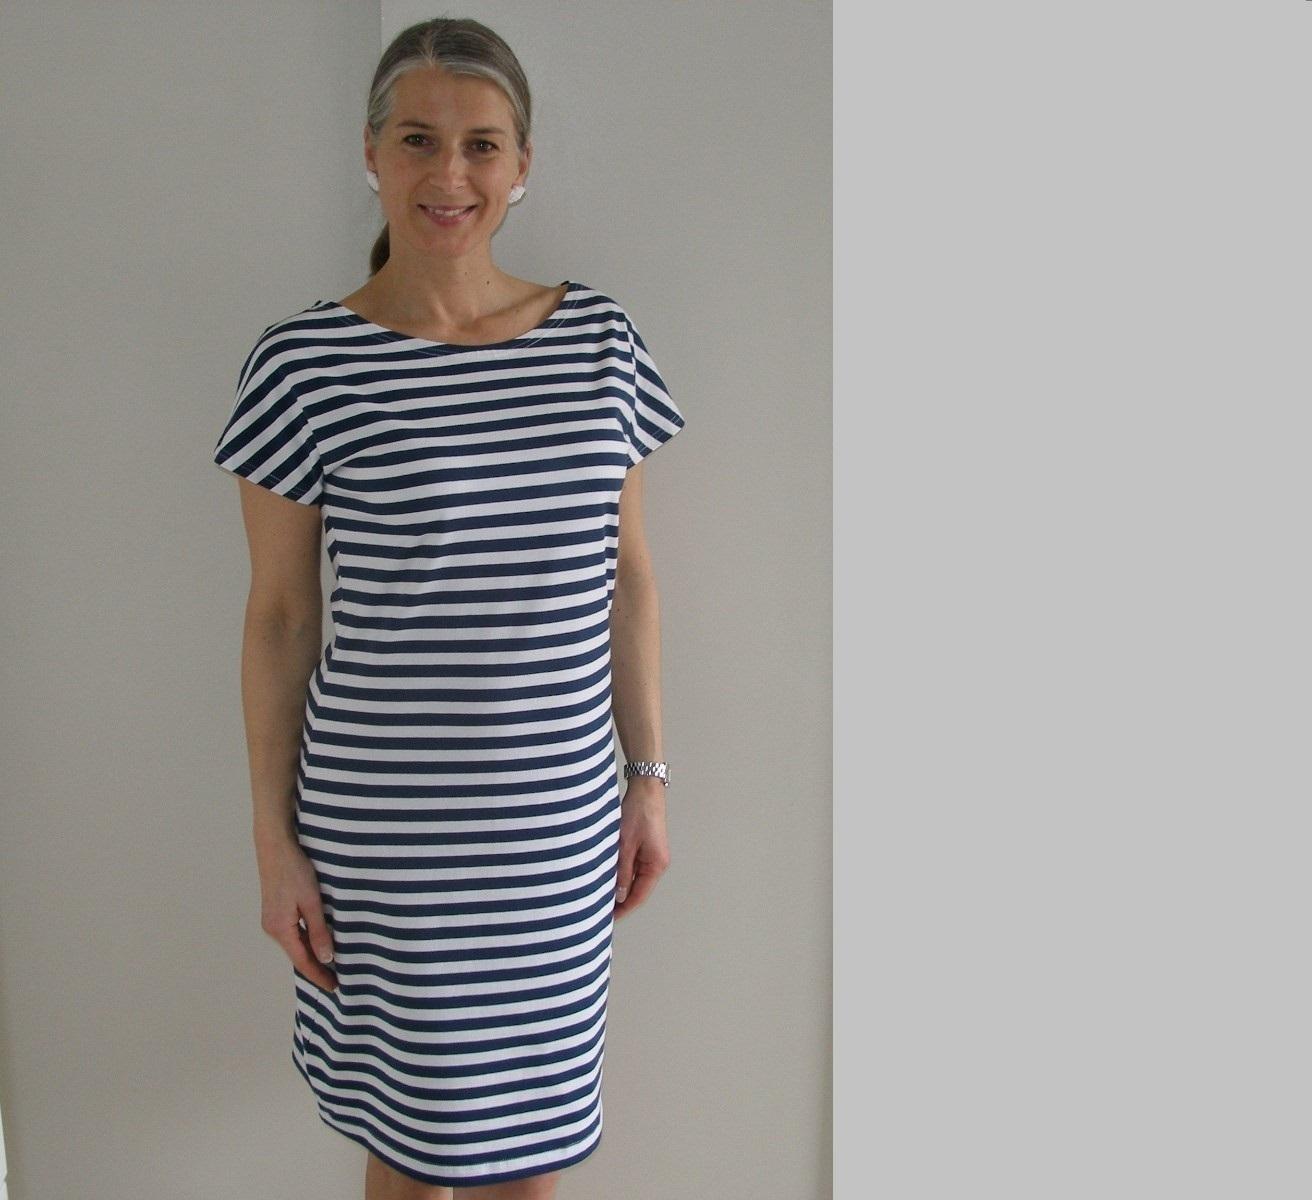 7463df047fc Pruhované šaty...s krátkým rukávem...   Zboží prodejce jmmoda